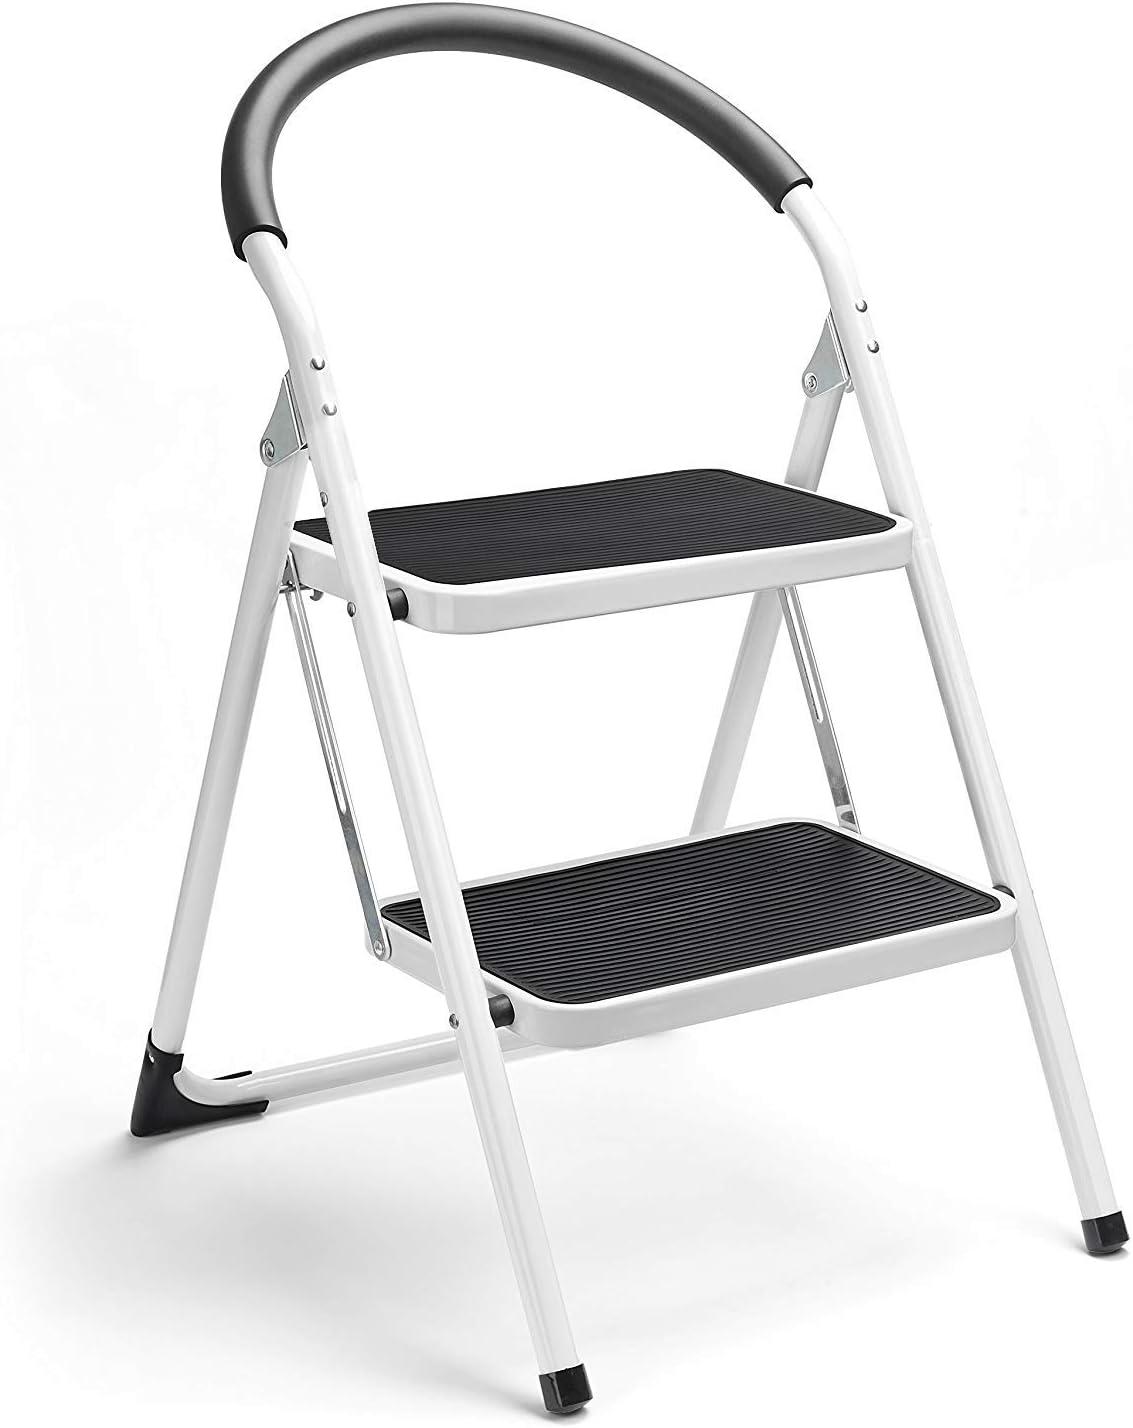 Escalera de acero con mango antideslizante y pedal ancho de 150 kg, color blanco y negro, combo de 2 pies, escalera plegable de 2 peldaños: Amazon.es: Hogar